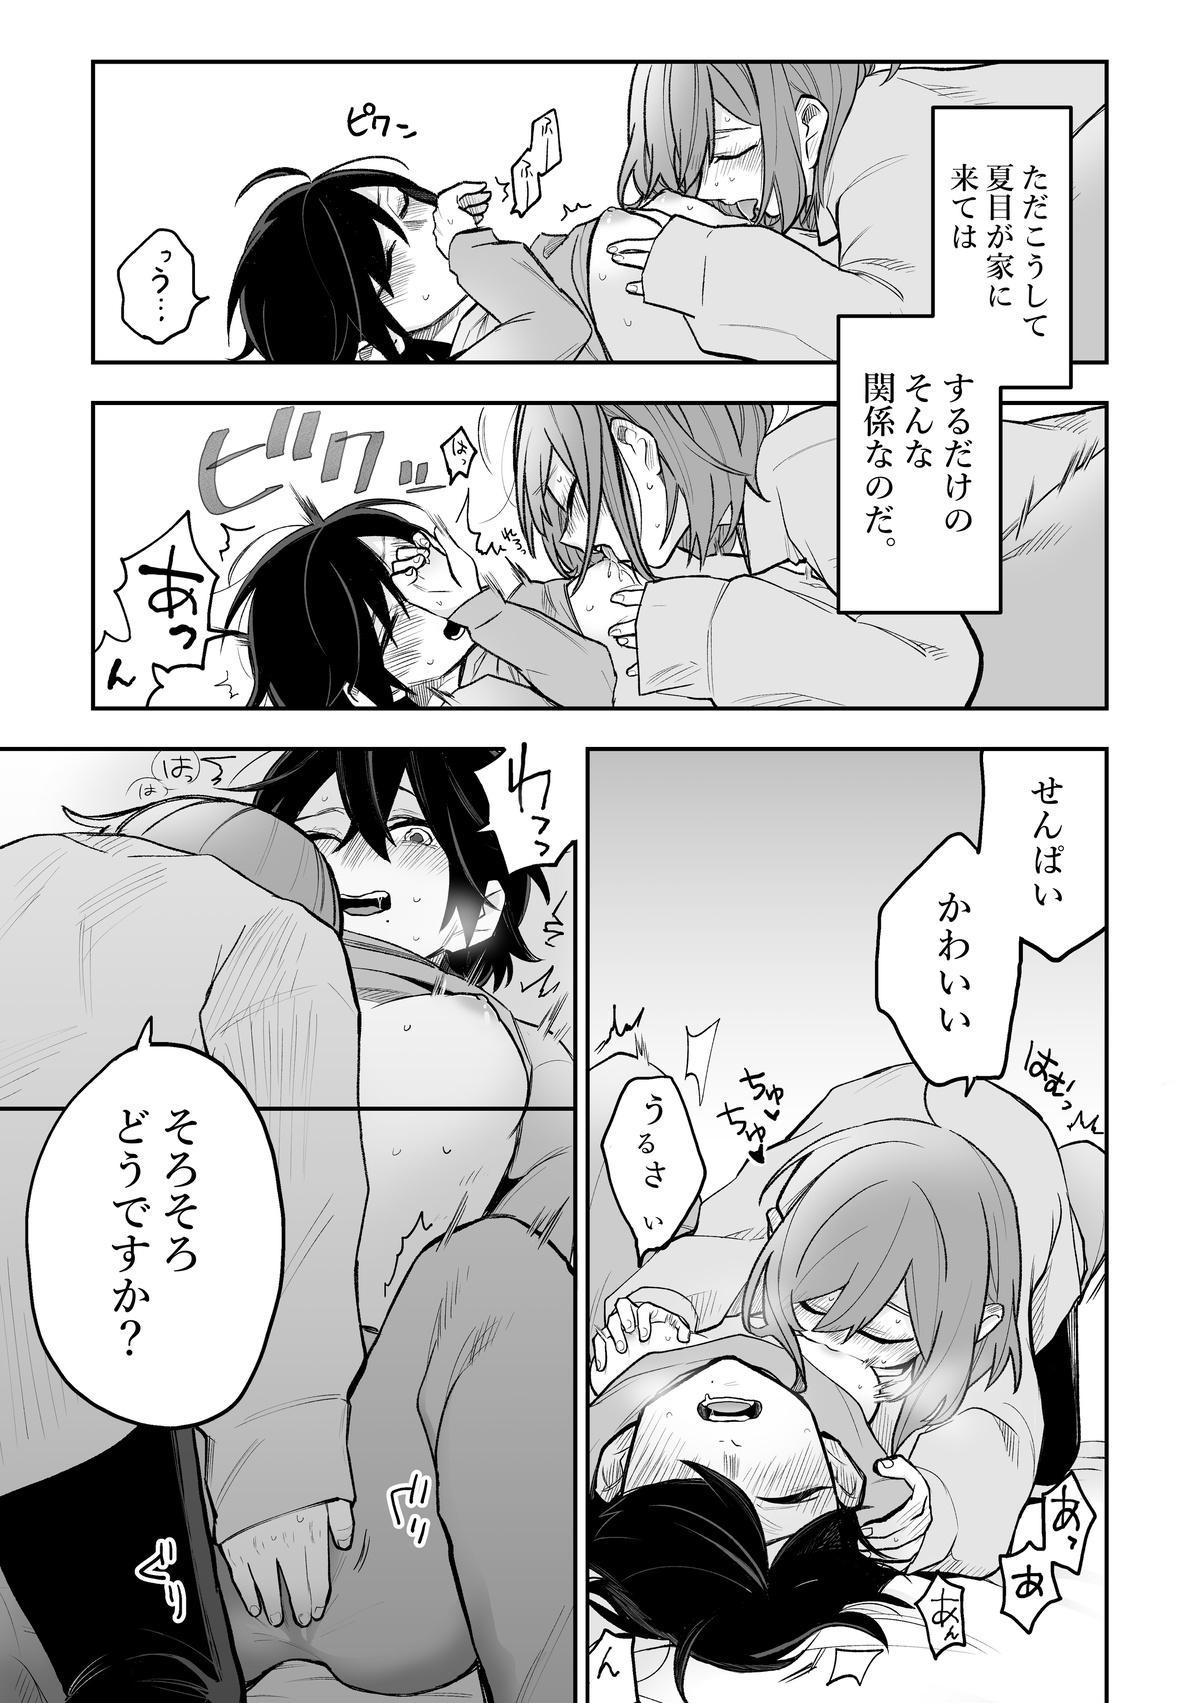 Honshin wa Makuramoto ni Kakushite. 5